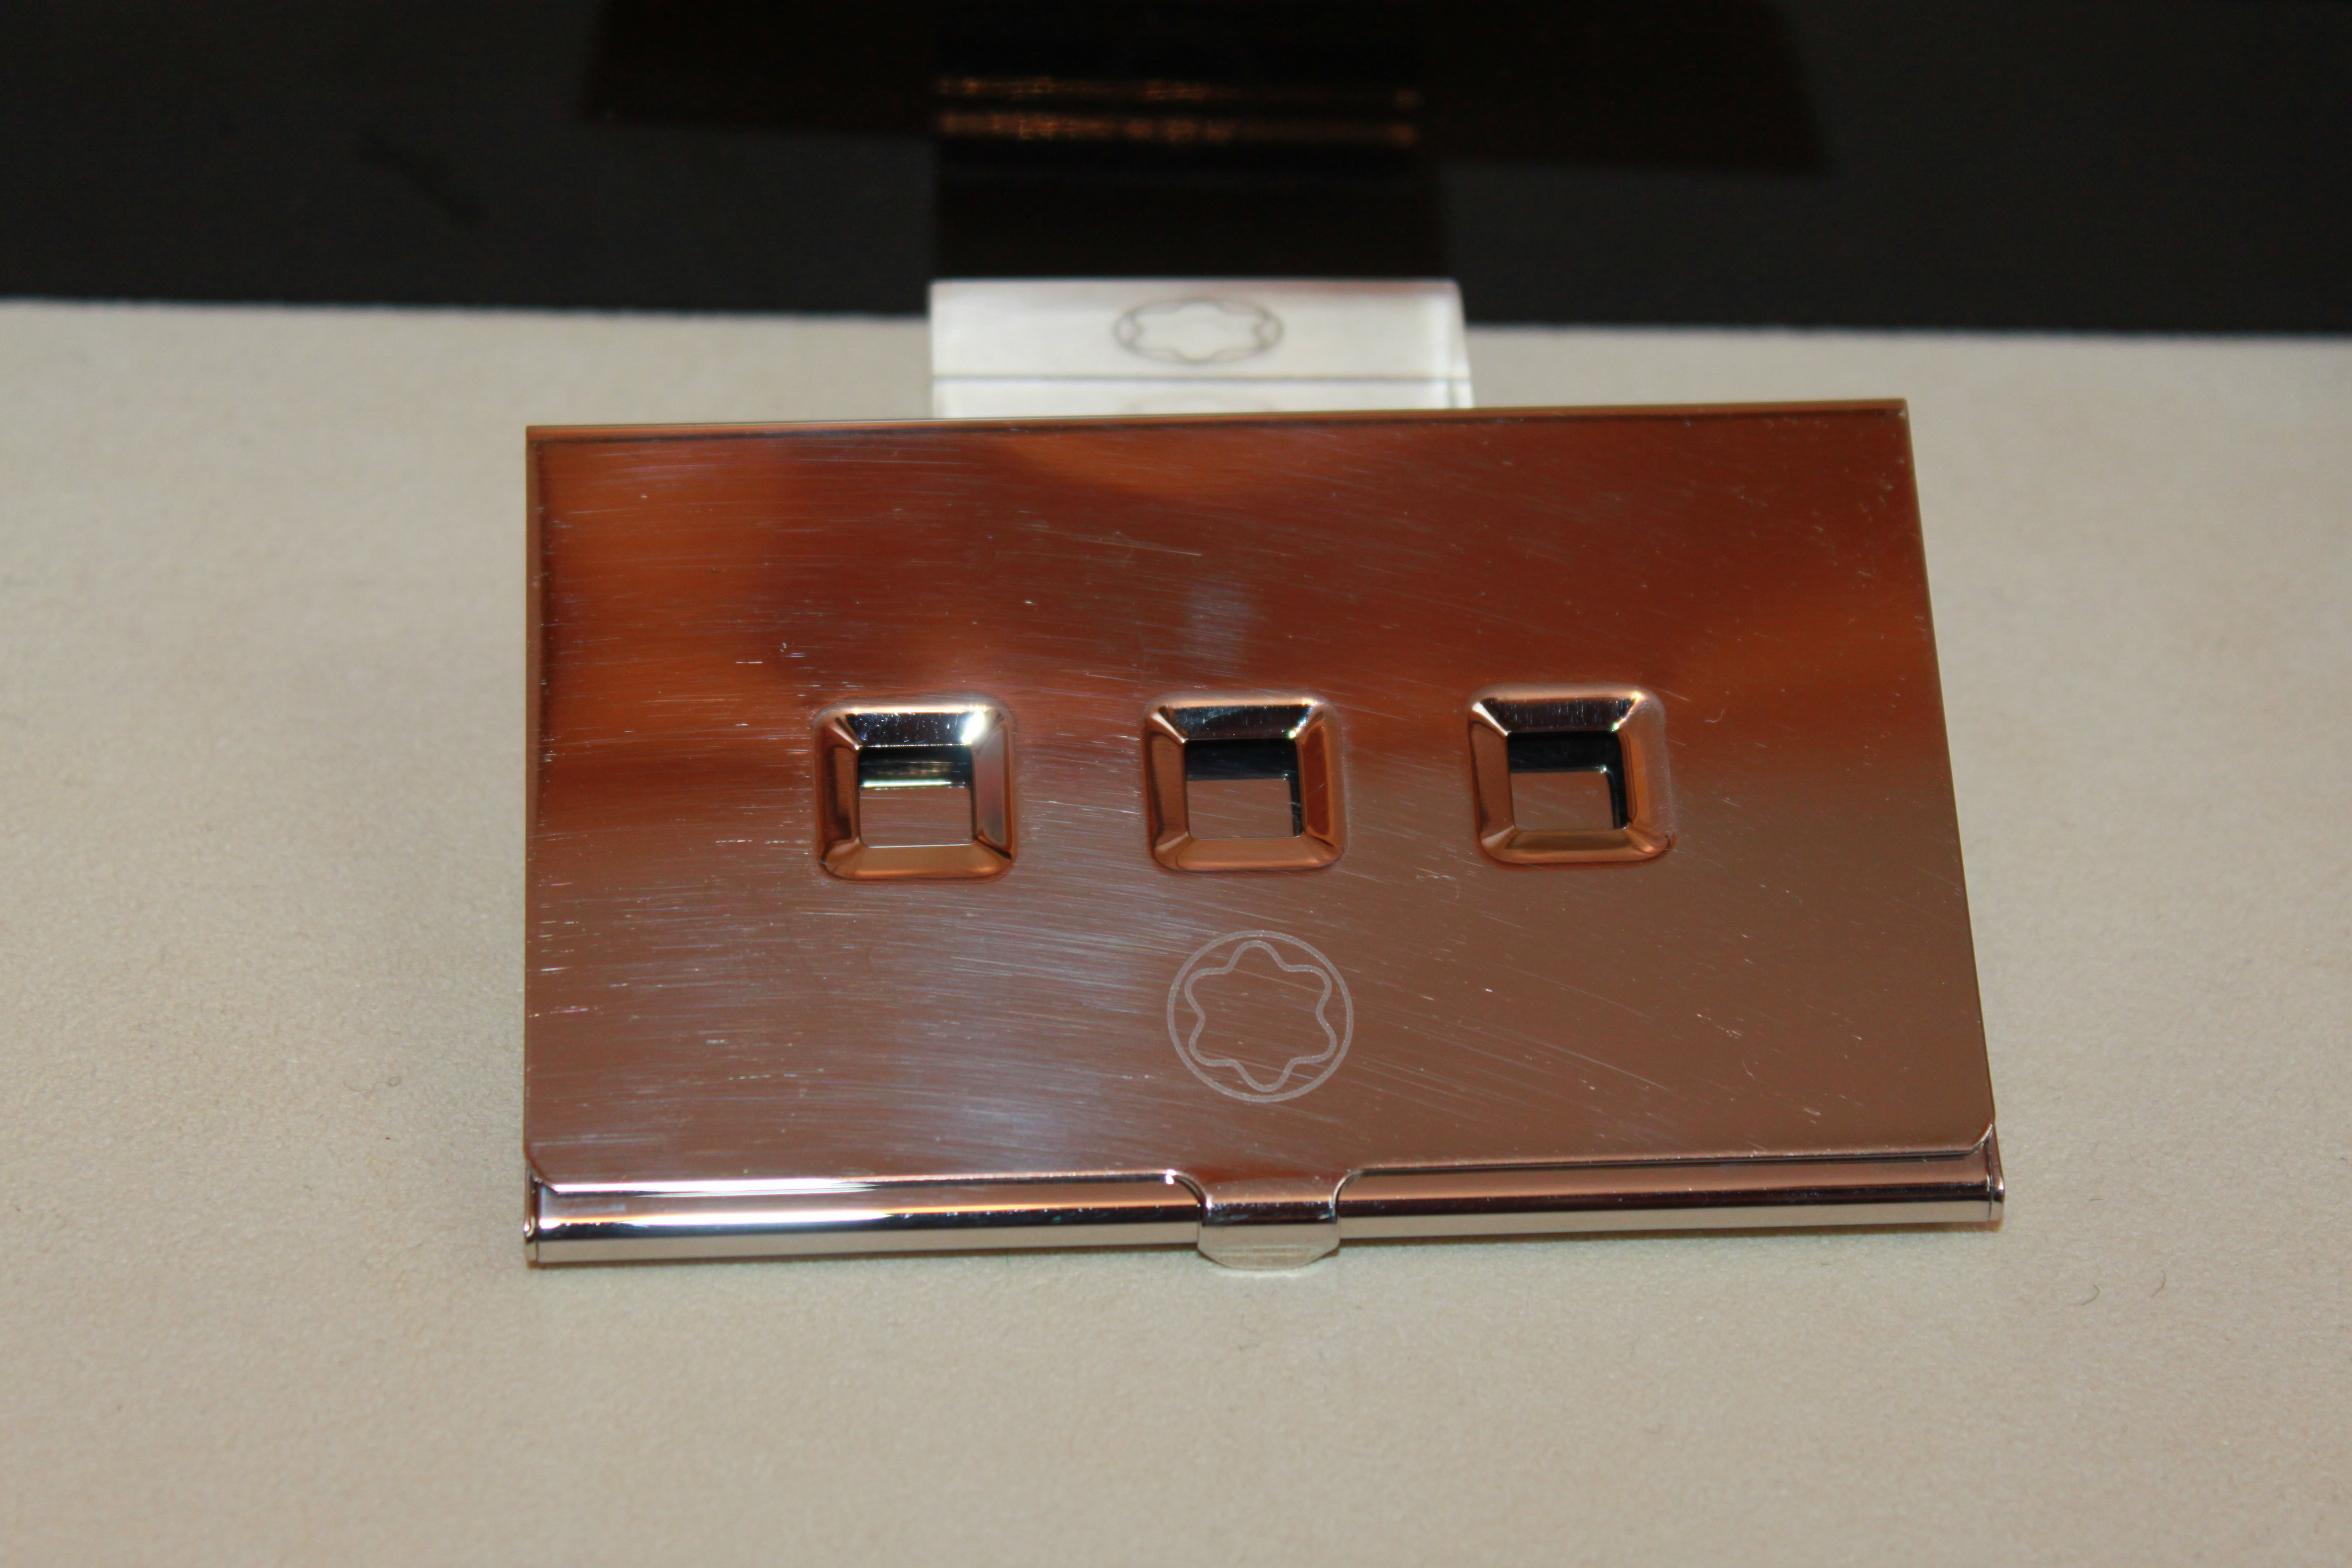 Montblanc Lifestyle Accessories Visitenkarten Karten Etui Box In Platiniert